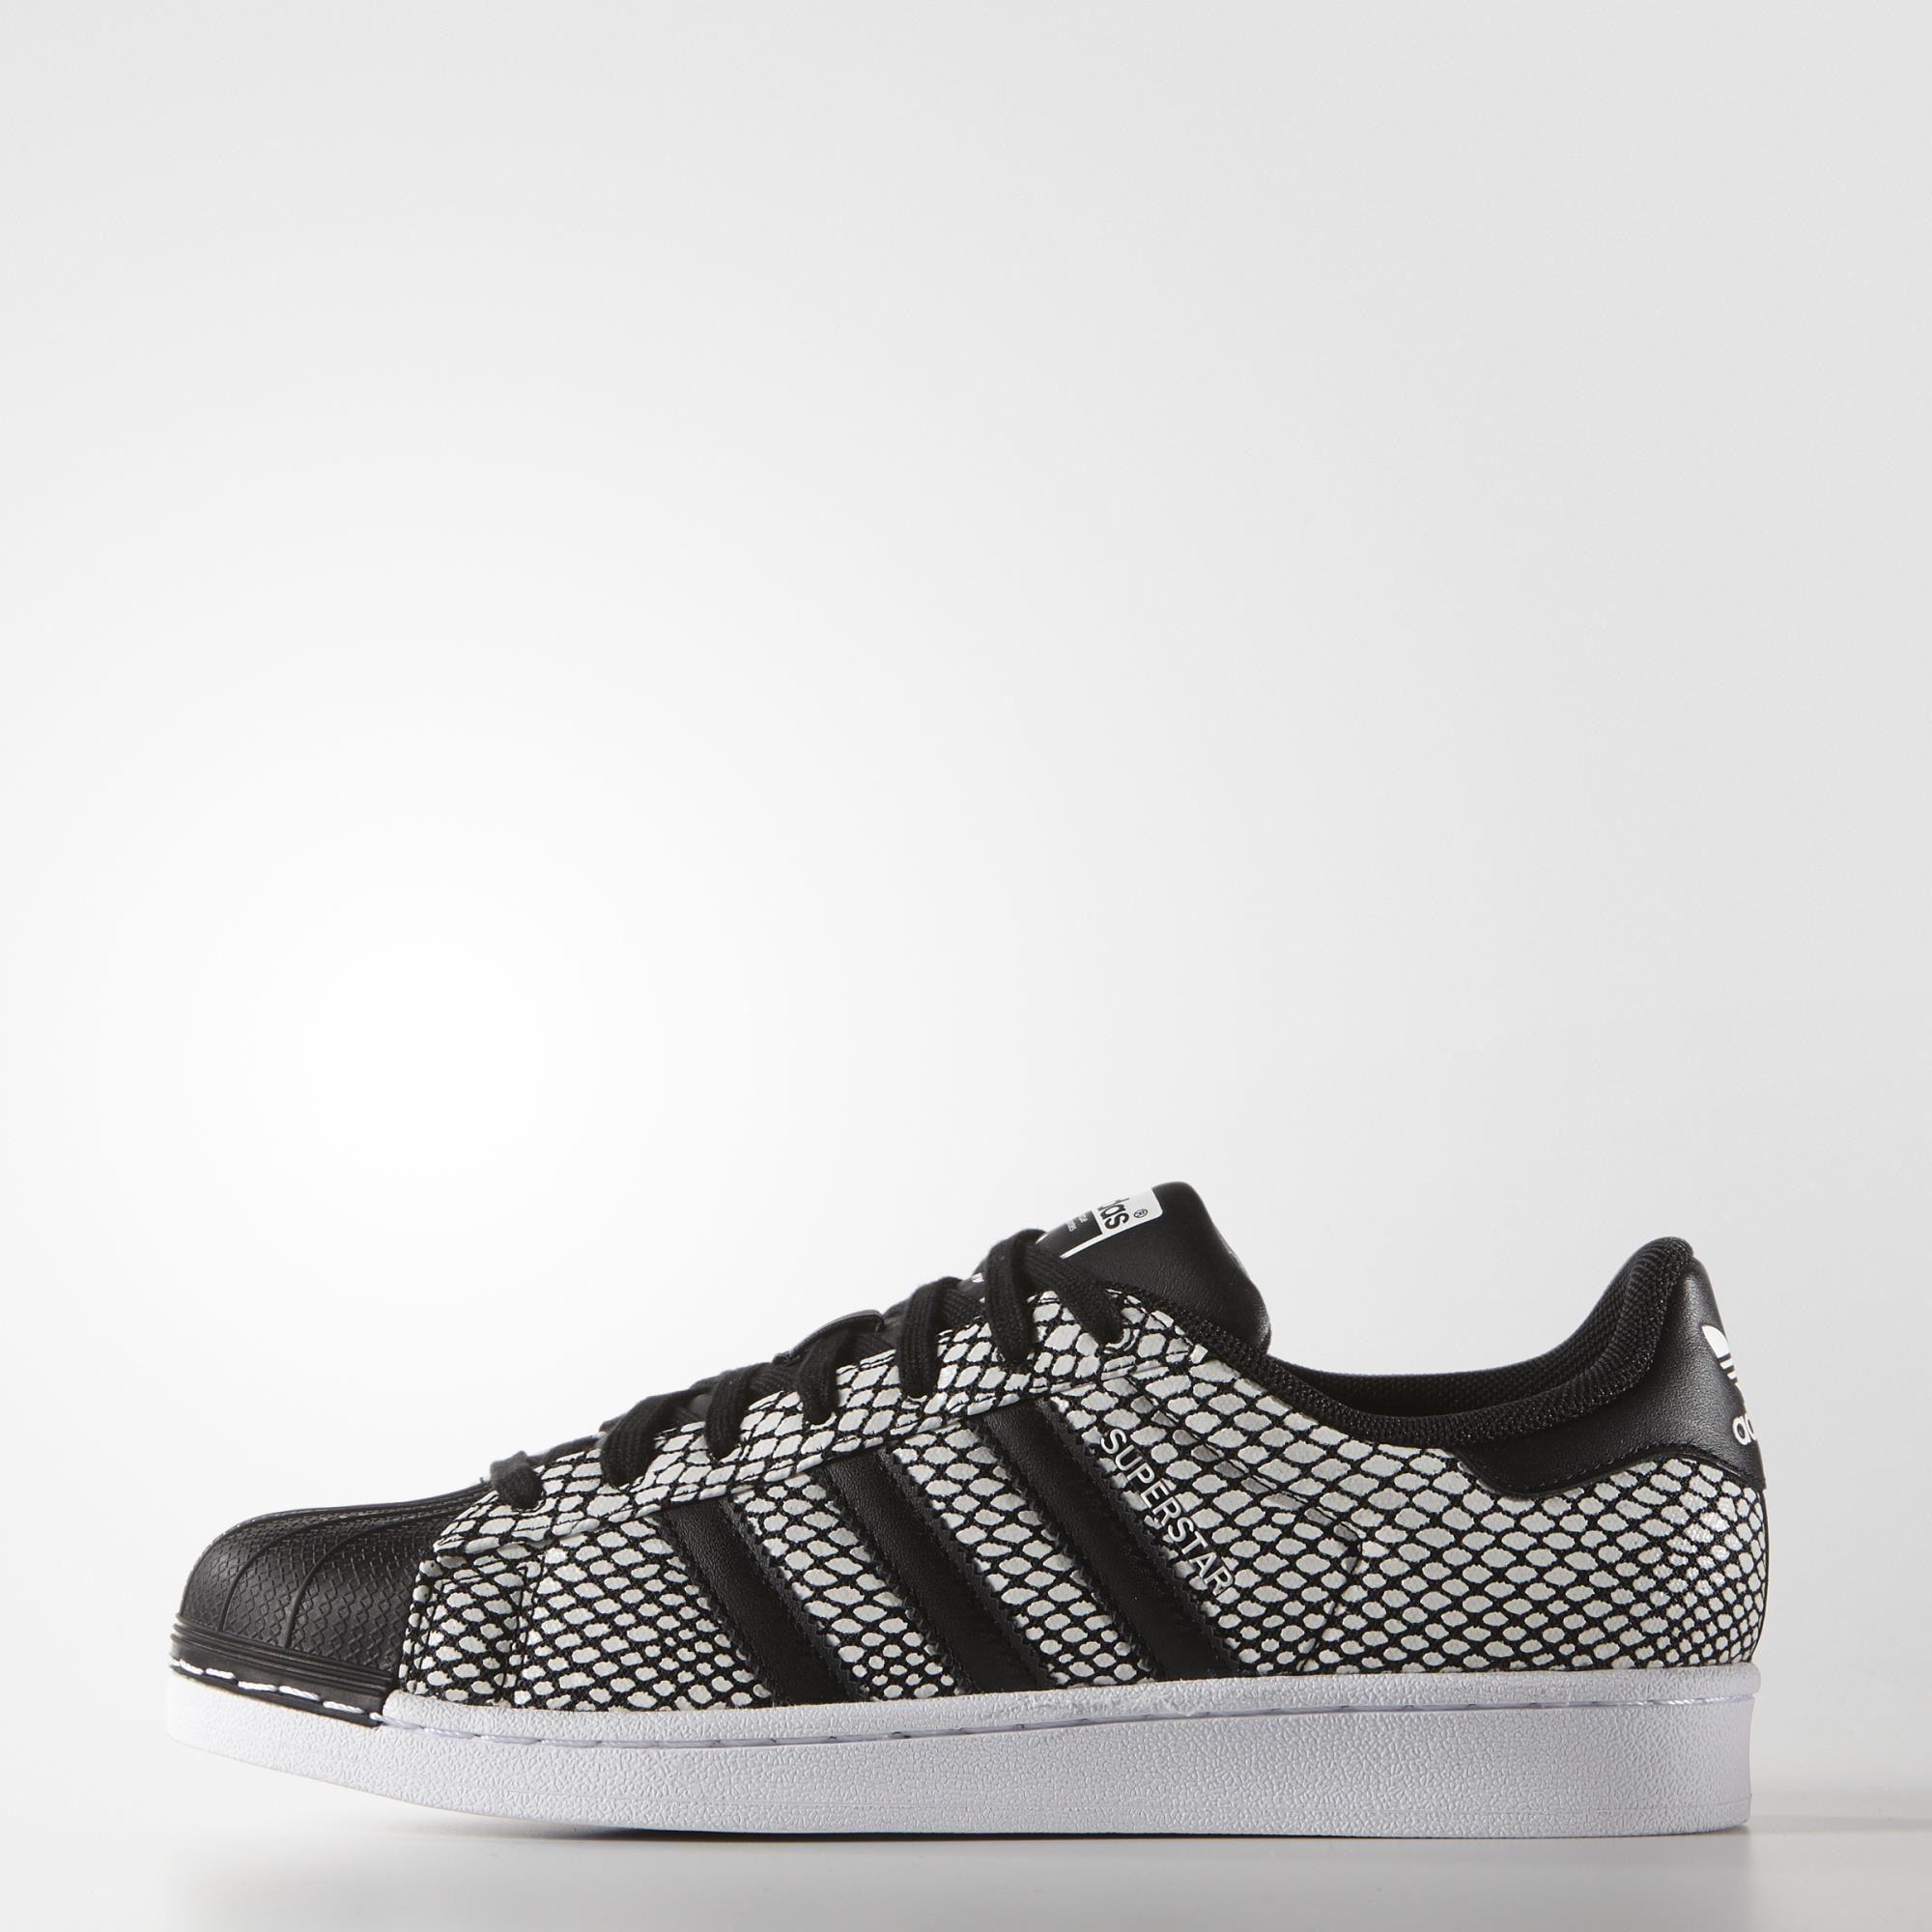 Adidas Superstar Metallic Snake